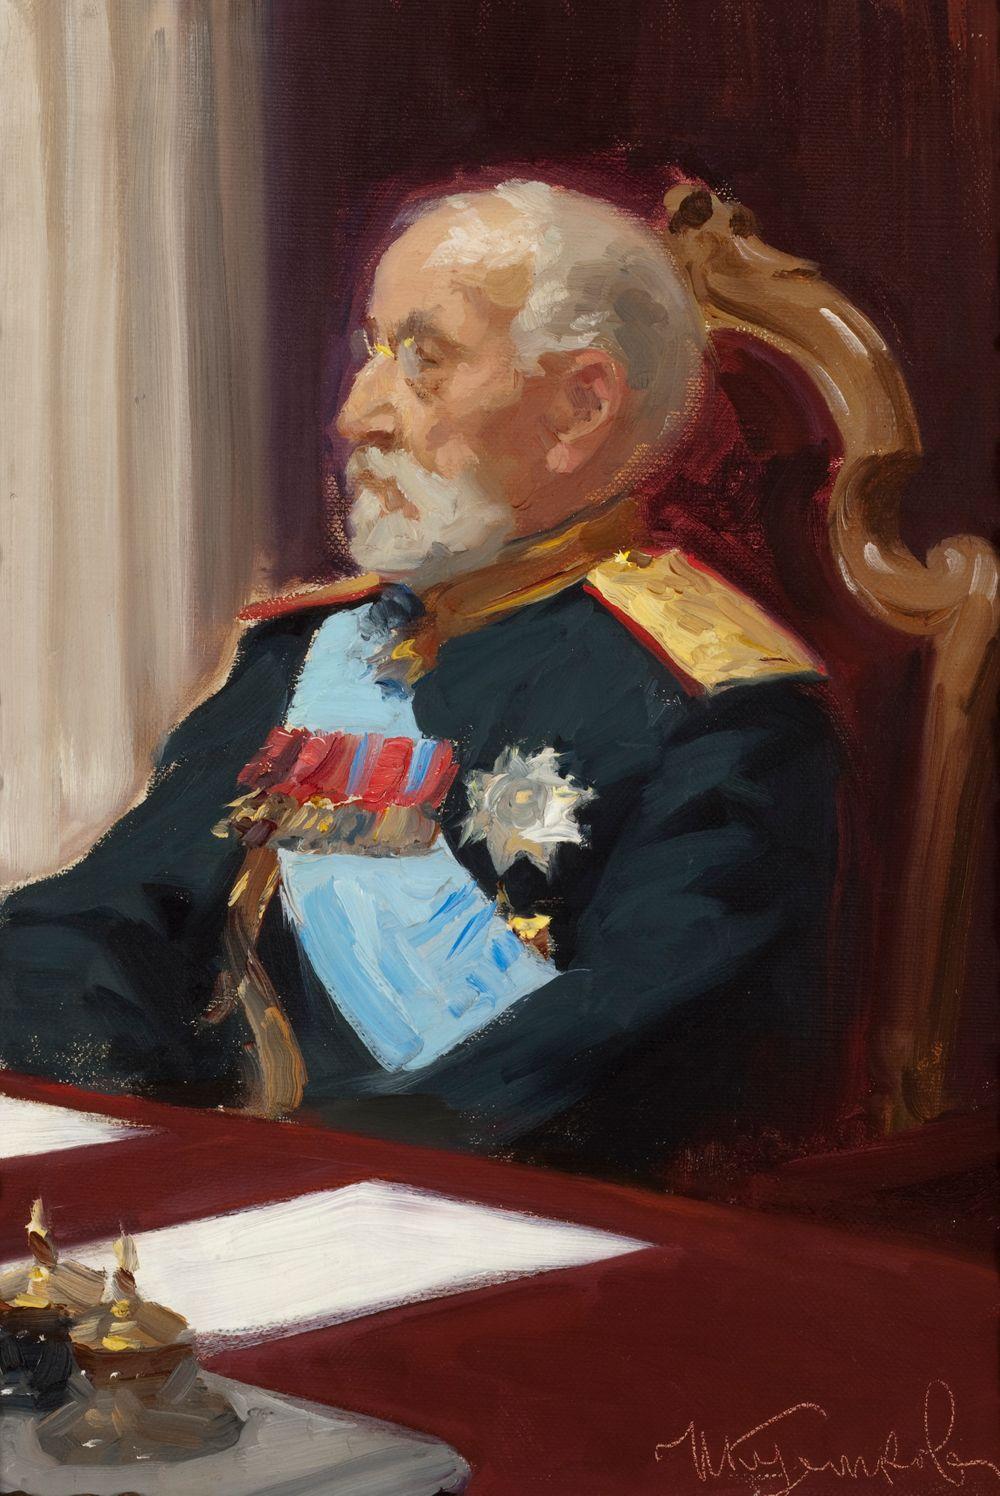 Kenraali Wischniakoffin muotokuva